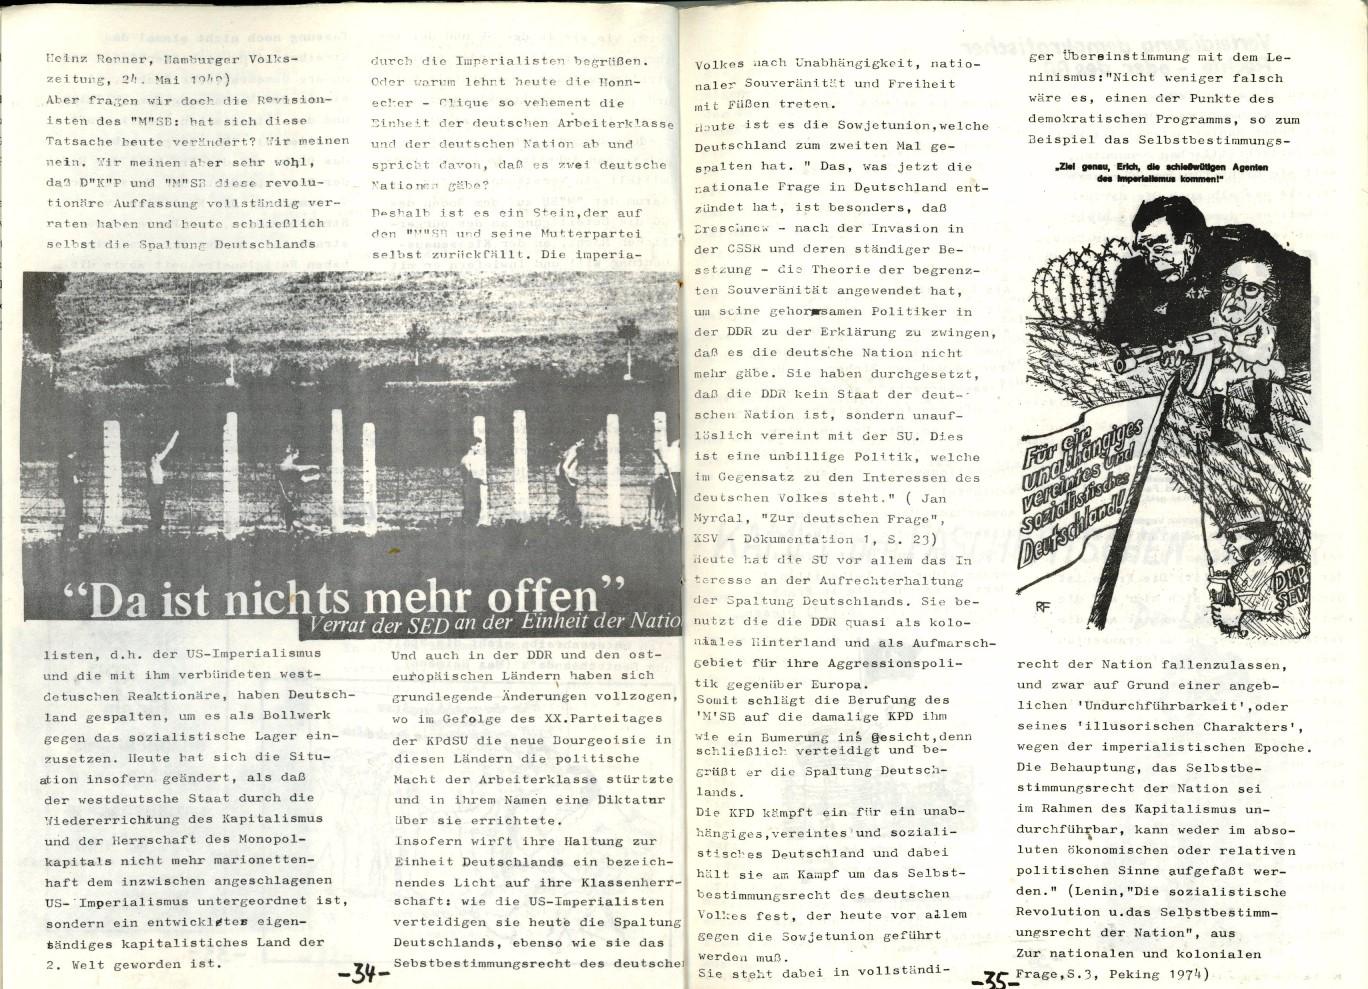 NRW_KSV_1977_Doku_zu_den_AStA_Wahlen_Nr_2_18